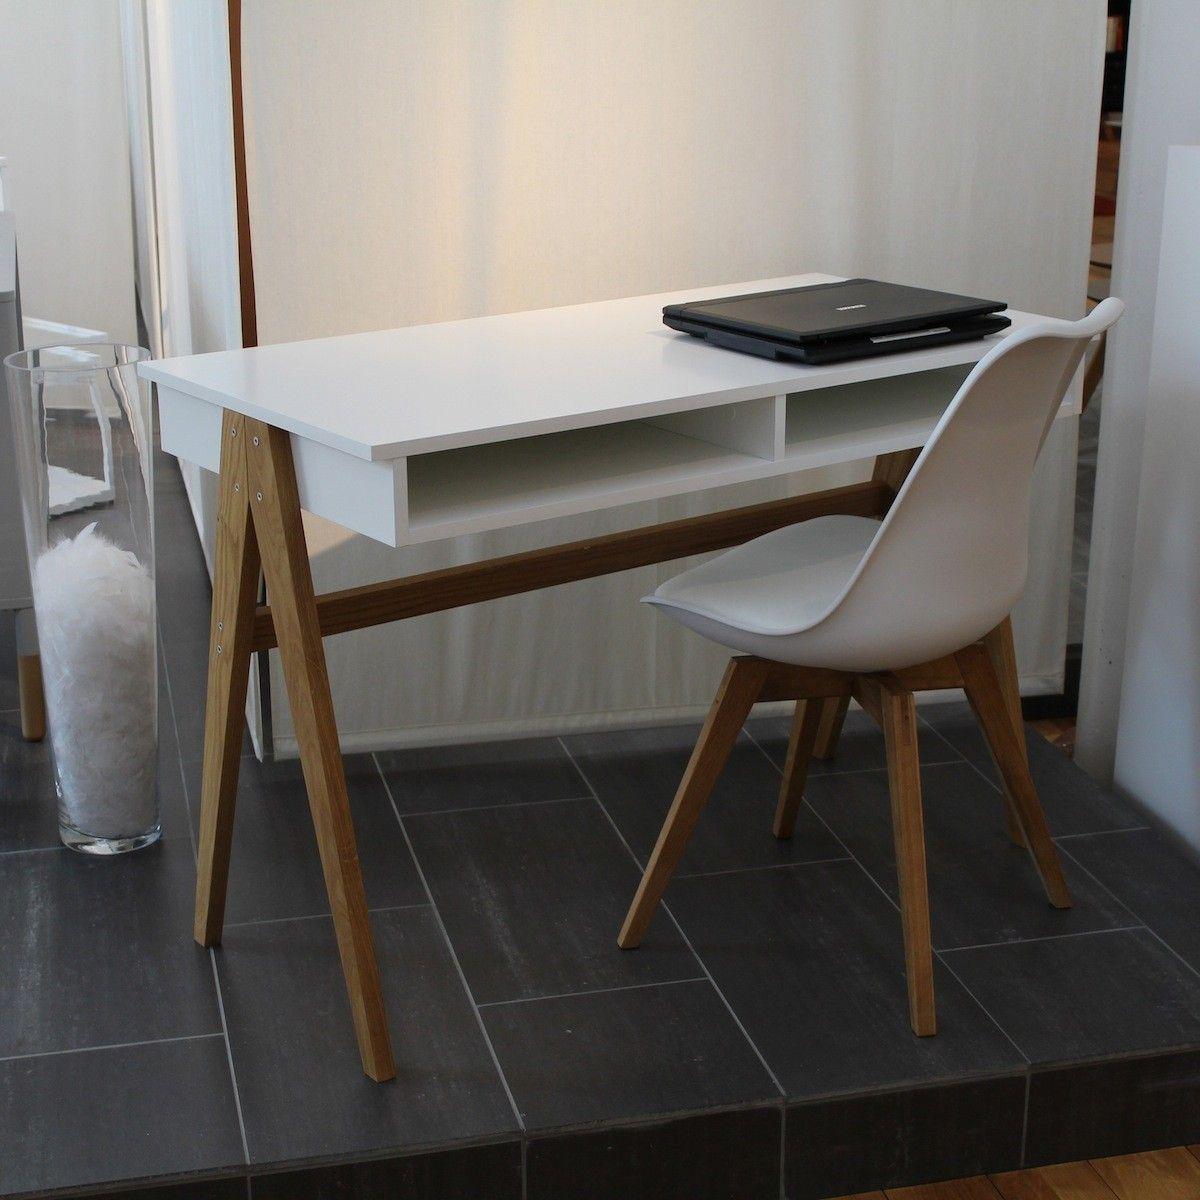 olbia schreibtisch online kaufen wohnideen. Black Bedroom Furniture Sets. Home Design Ideas